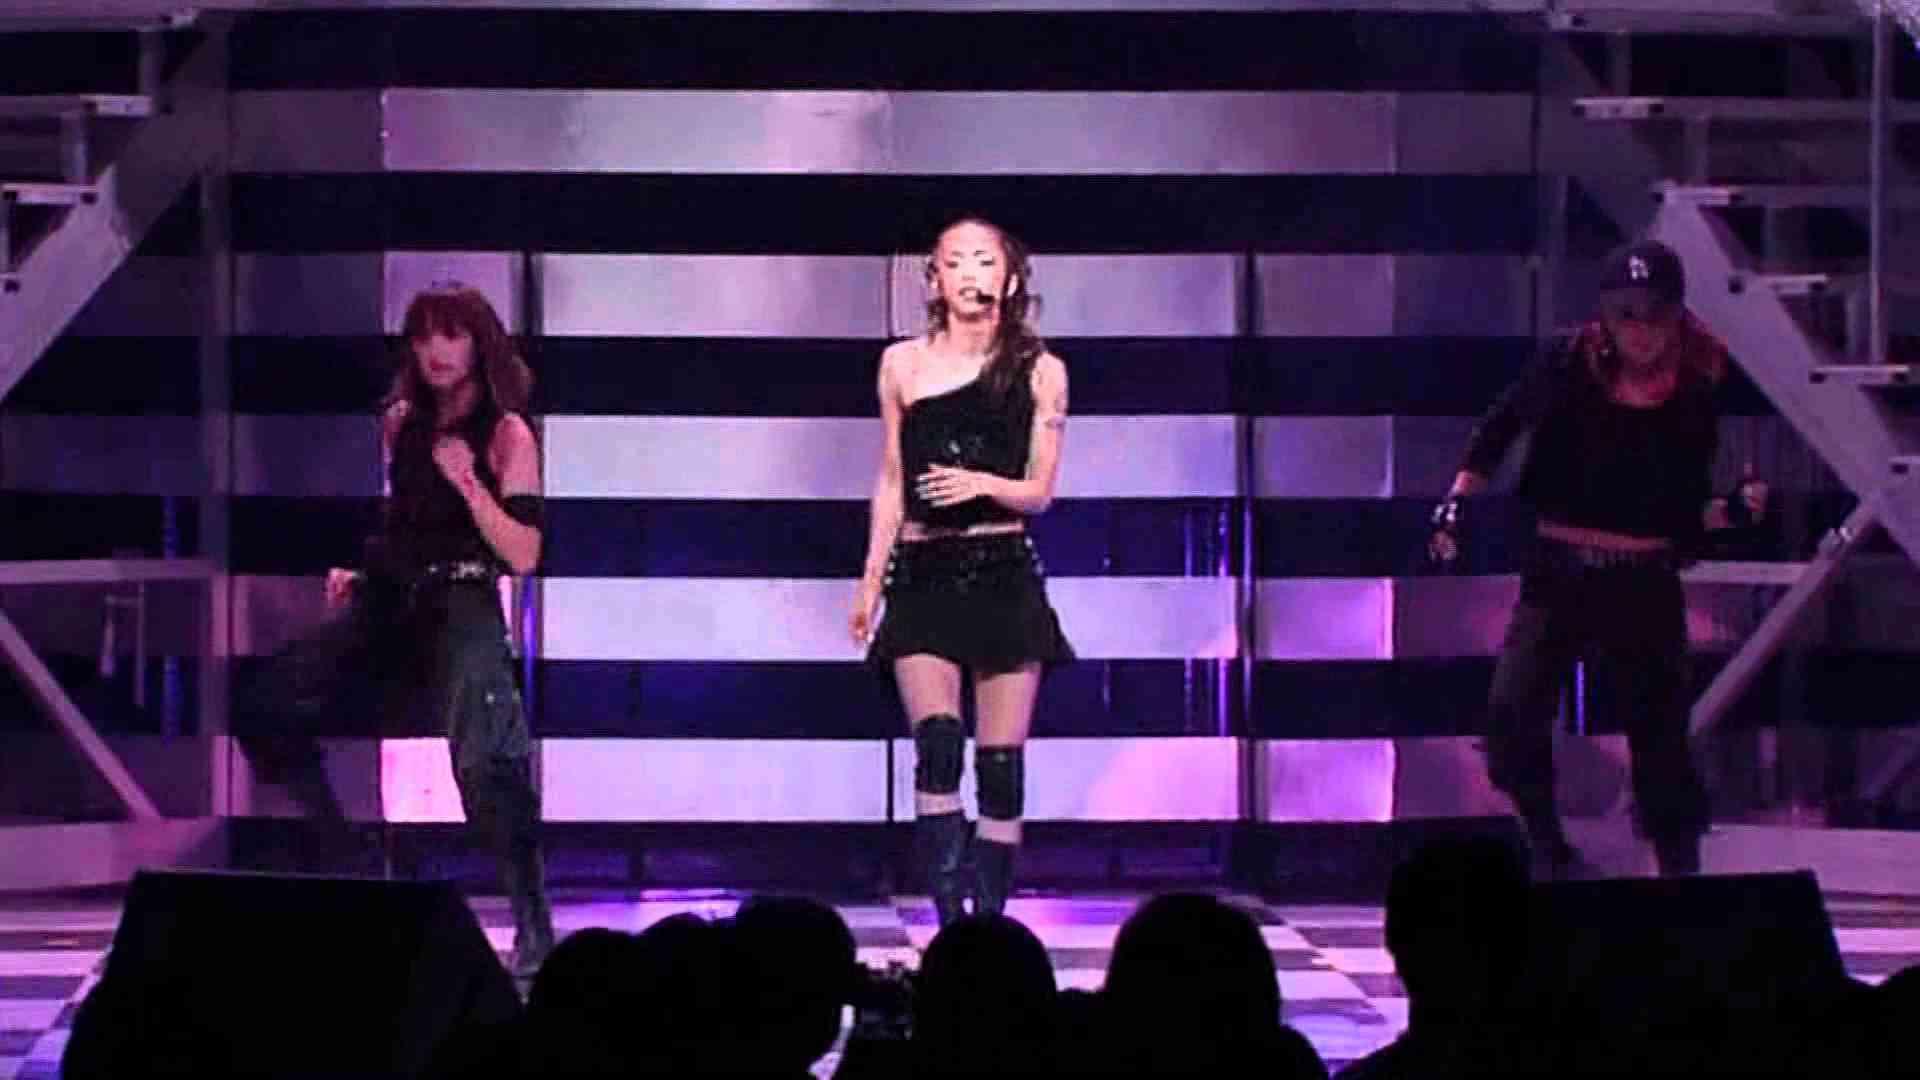 安室奈美恵 Namie Amuro  /  SO CRAZY tour 2003 - 2004  Digest - YouTube